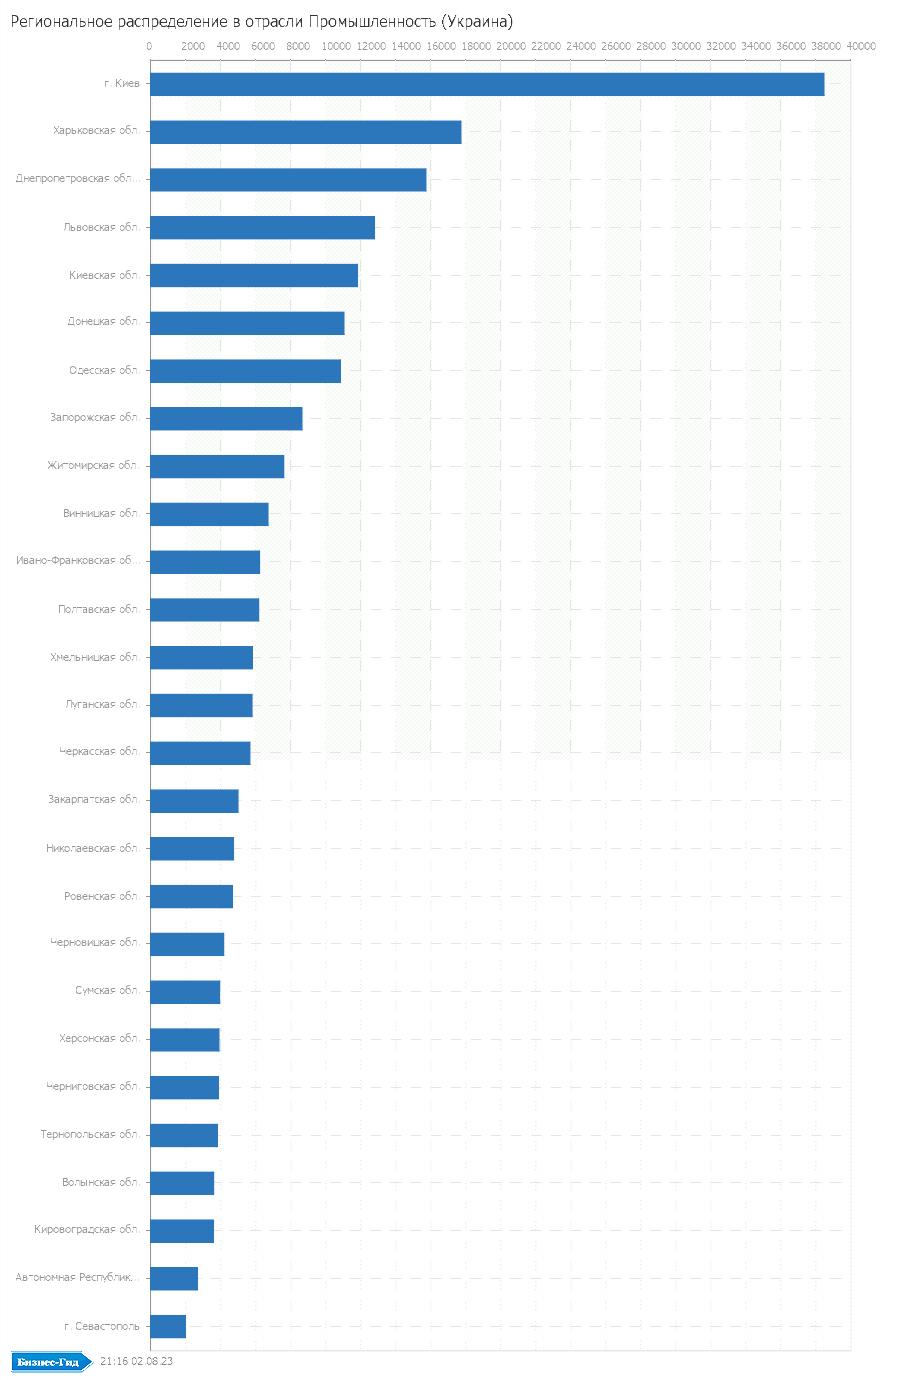 Региональное распределение в отрасли: Промышленность (Украина)